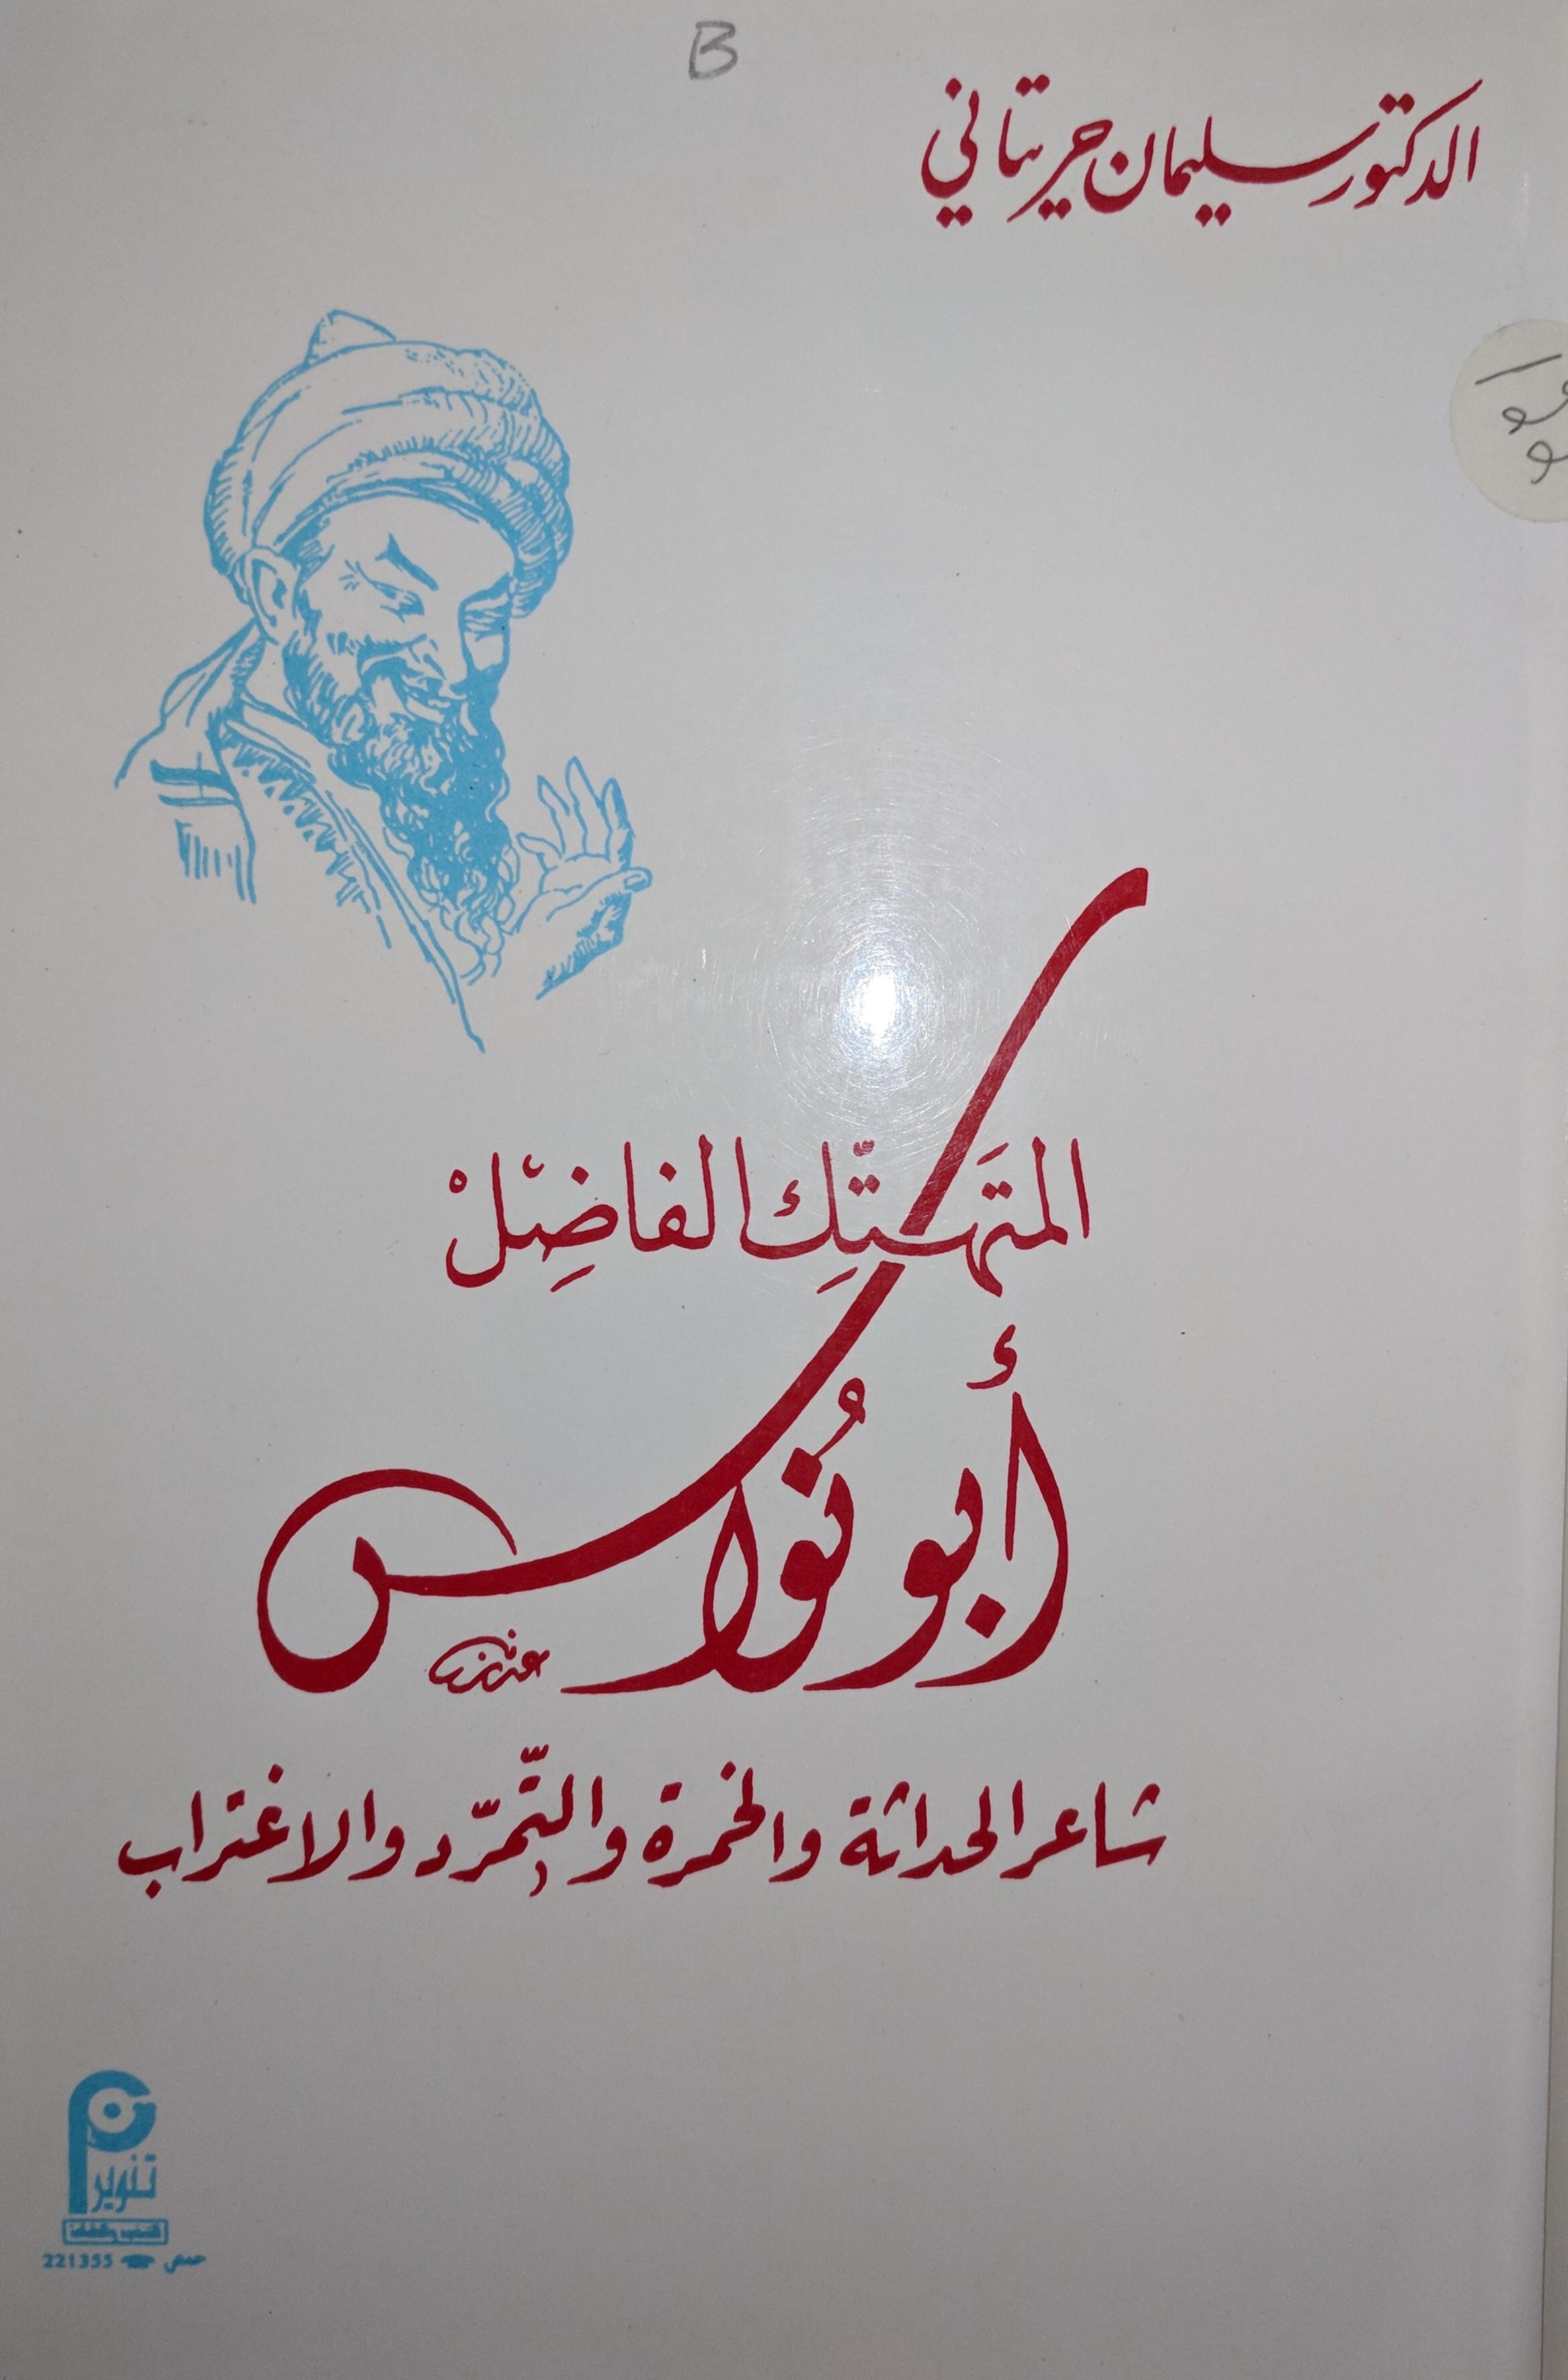 Sulaymān Ḥarītānī,  al-Mutahattik al-fāḍil, Abū Nuwās : shāʻir al-ḥadāthah wa-l-khamrah wa-l-tamarrud wa-l-ightirāb  (Ḥimṣ: Tanwīr li-l-Tanḍīd wa-l-Ṭibāʻah, 1996)